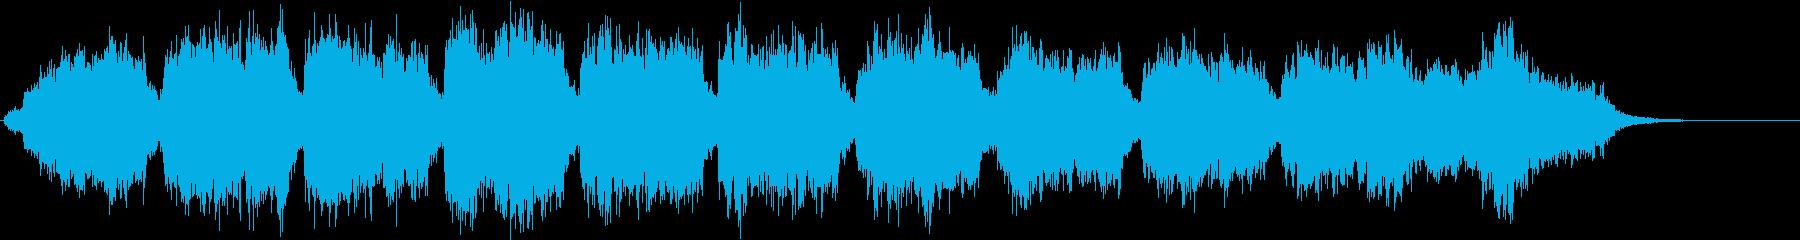 ハロウィン ホラー モンスターBGM 1の再生済みの波形